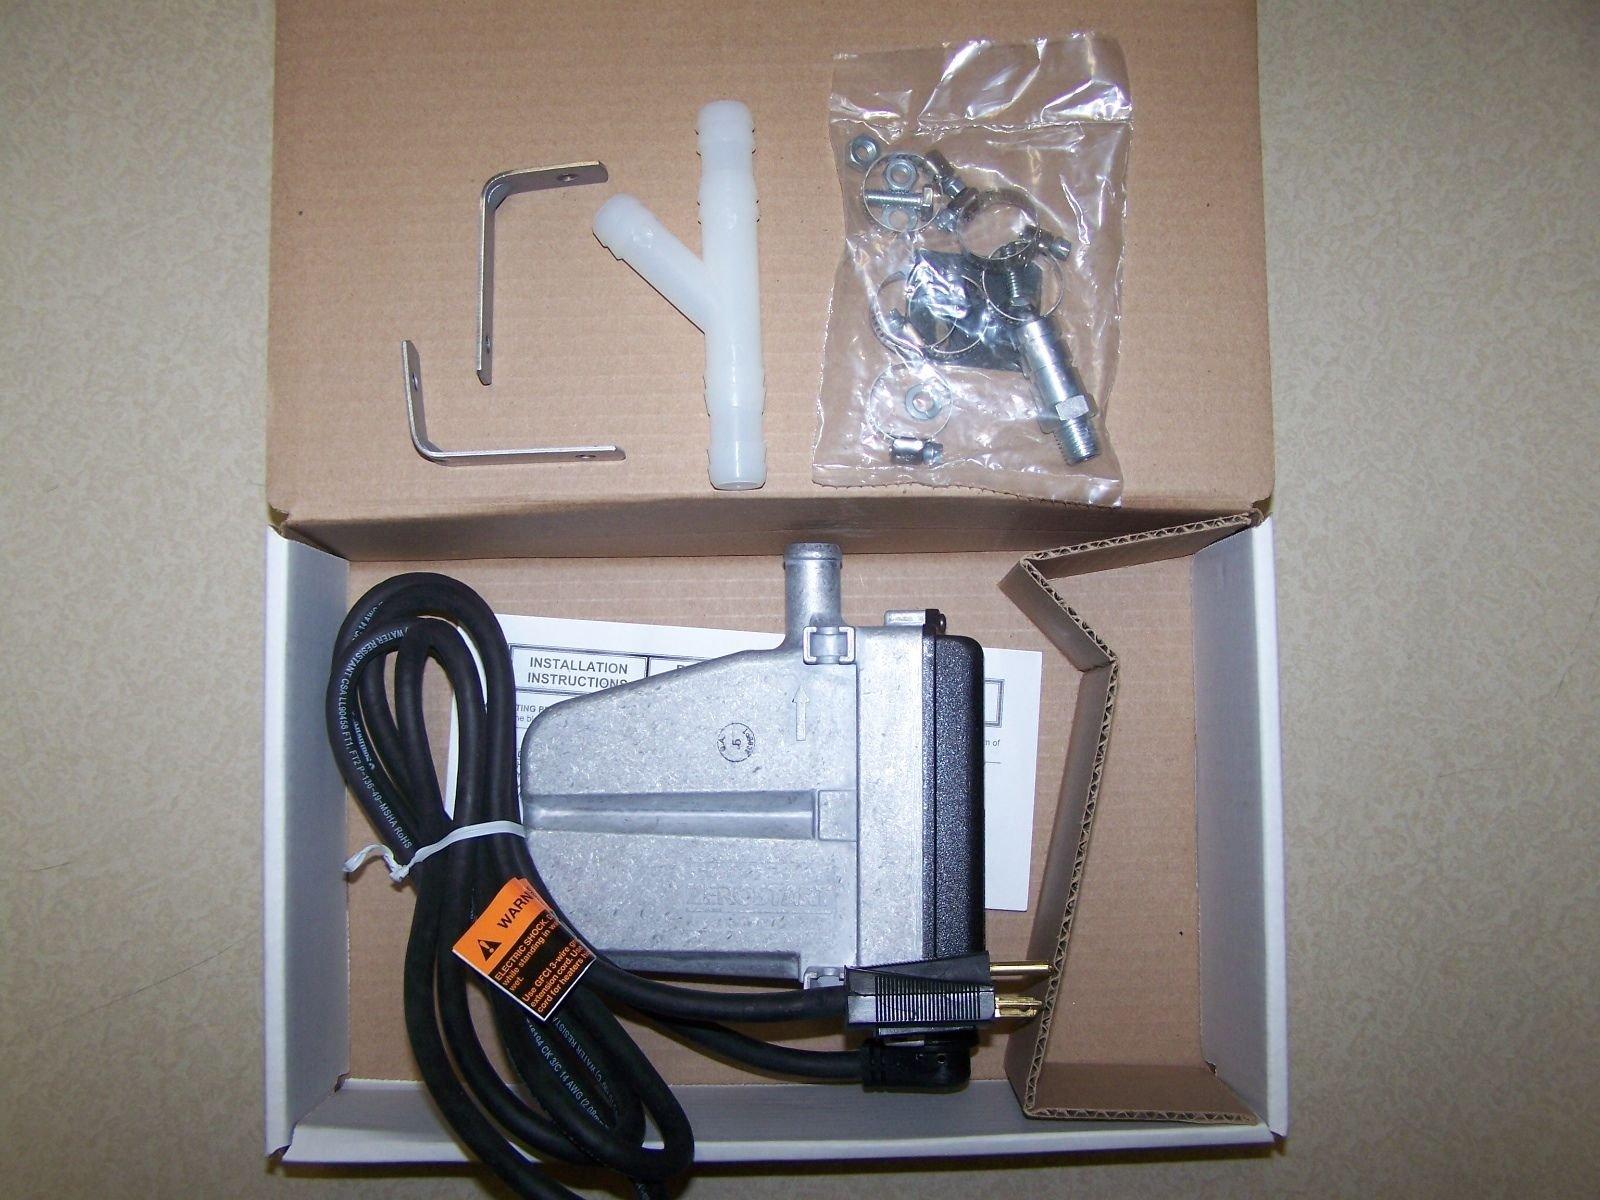 Zerostart 330-5004 Circulation Engine Heater by Zerostart